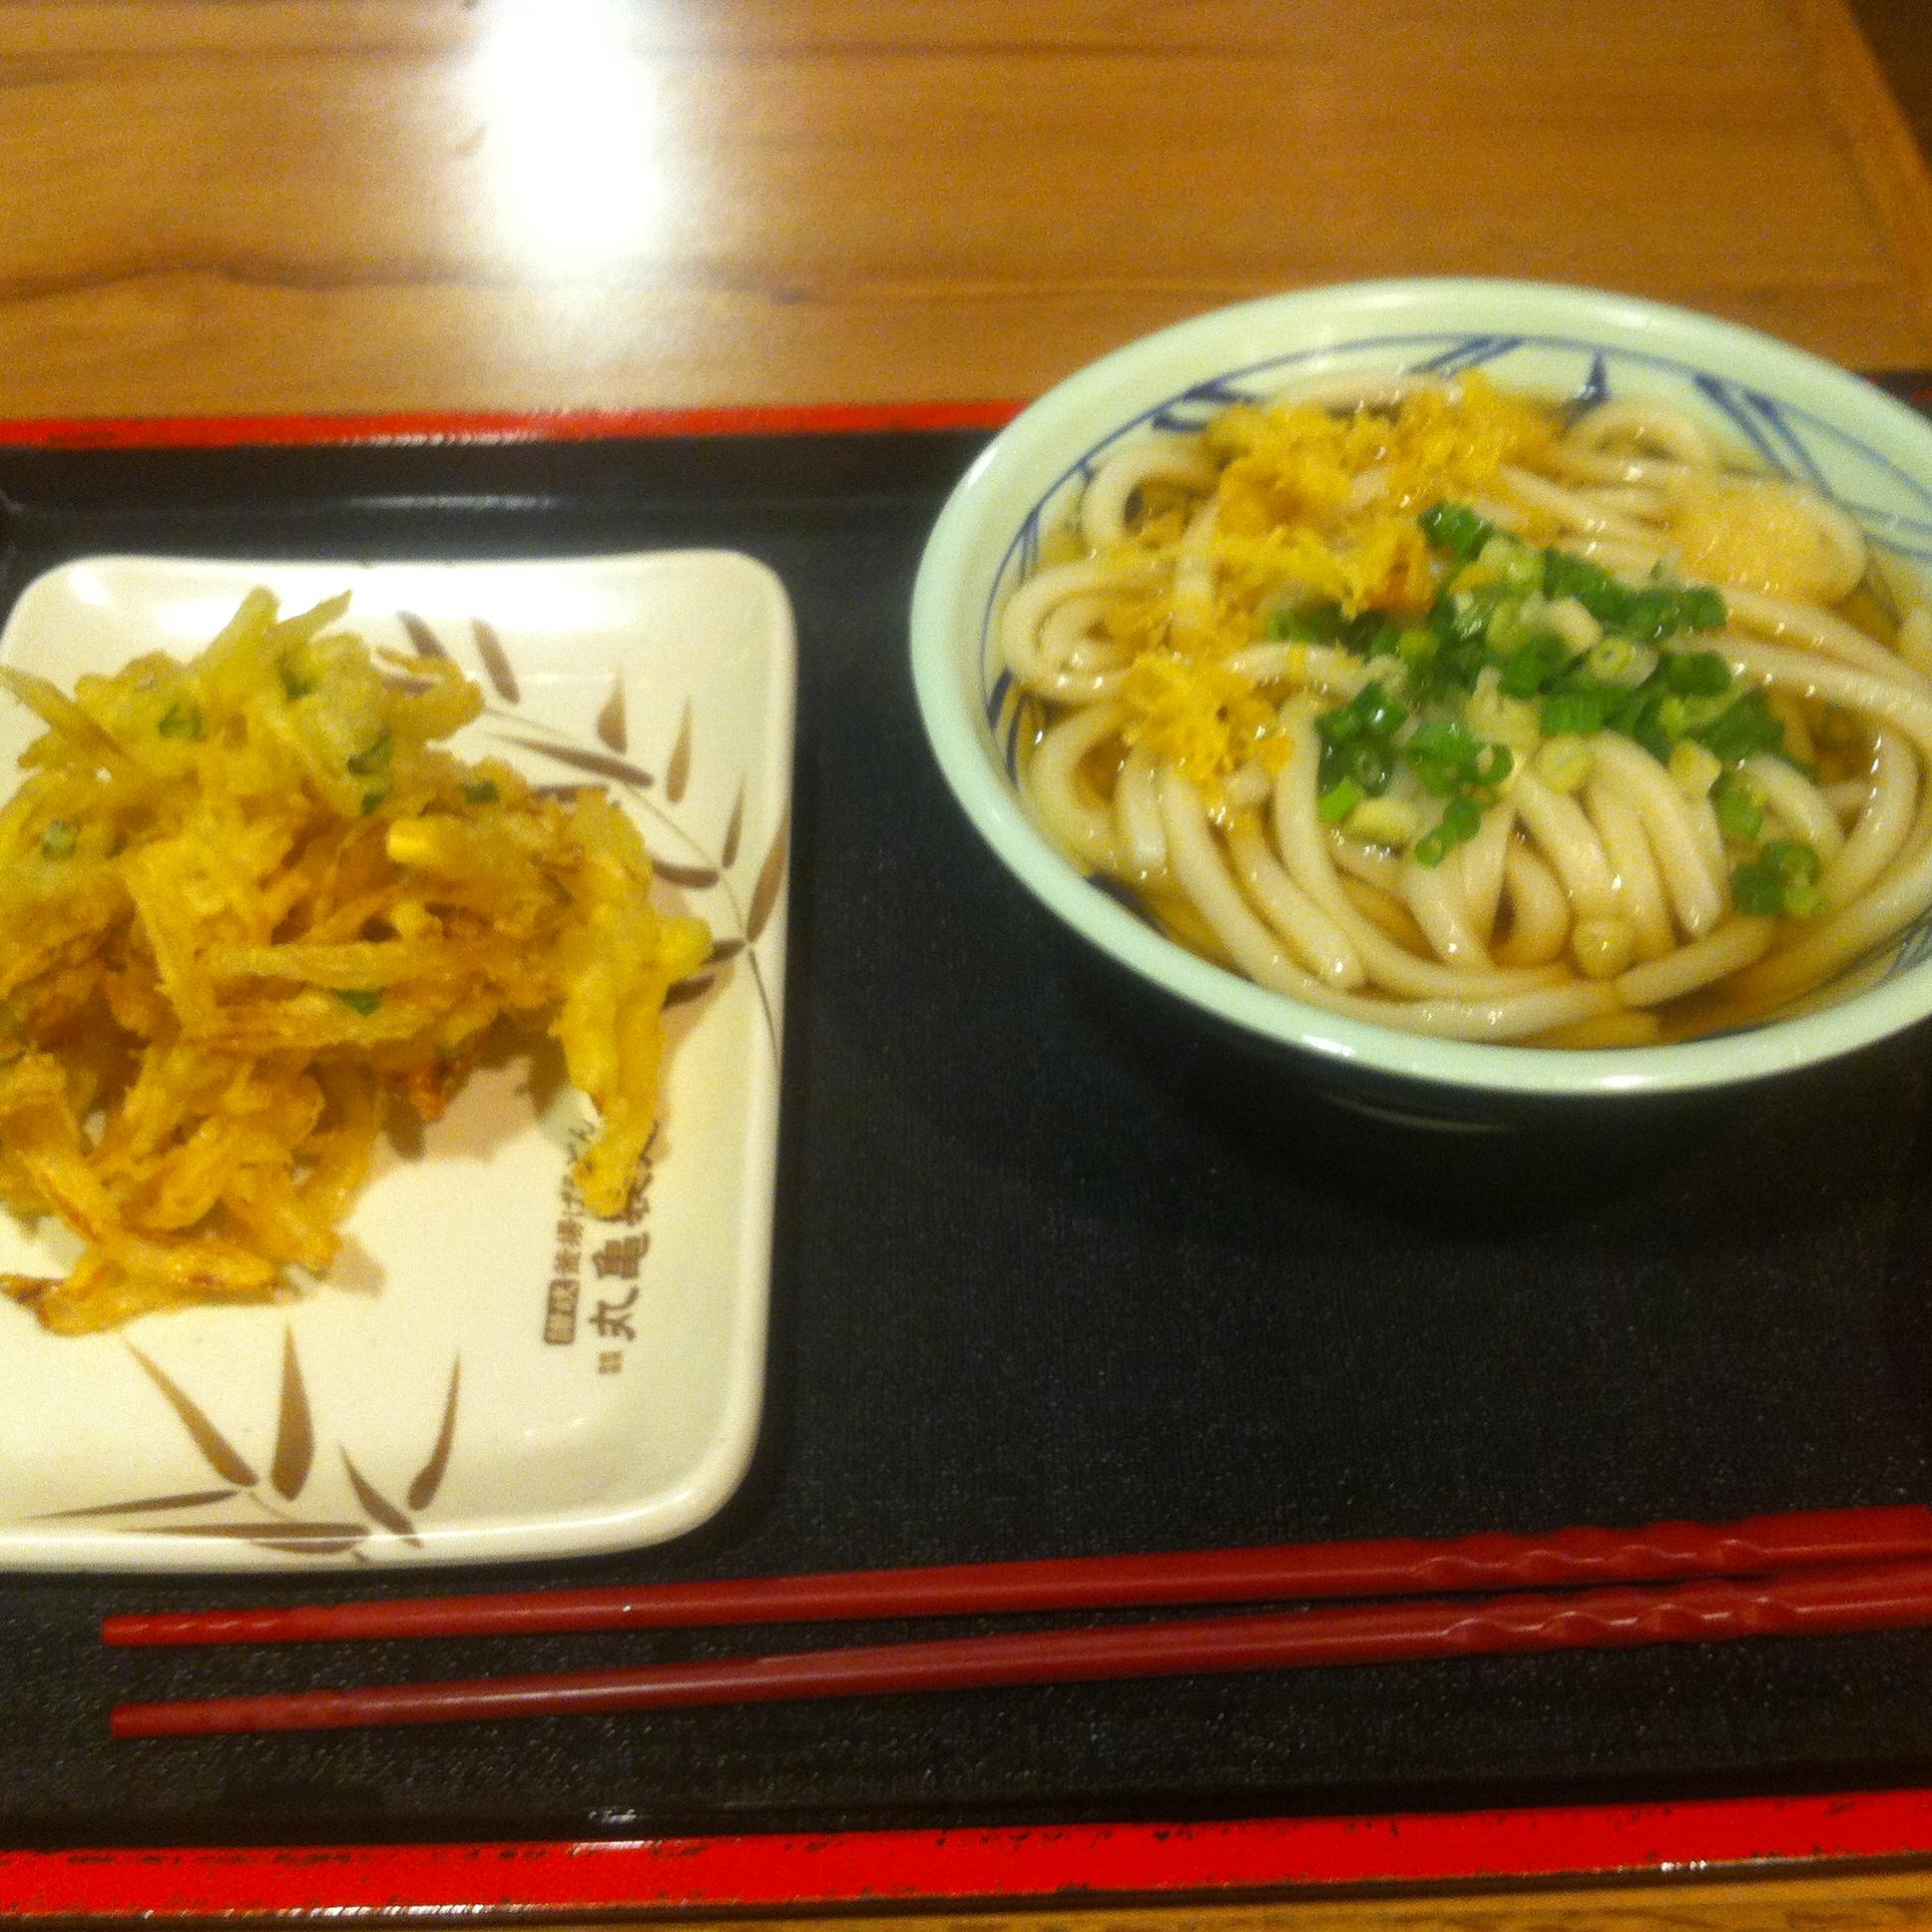 【グルメ】中山三越の讃岐釜揚げうどん丸亀製麺